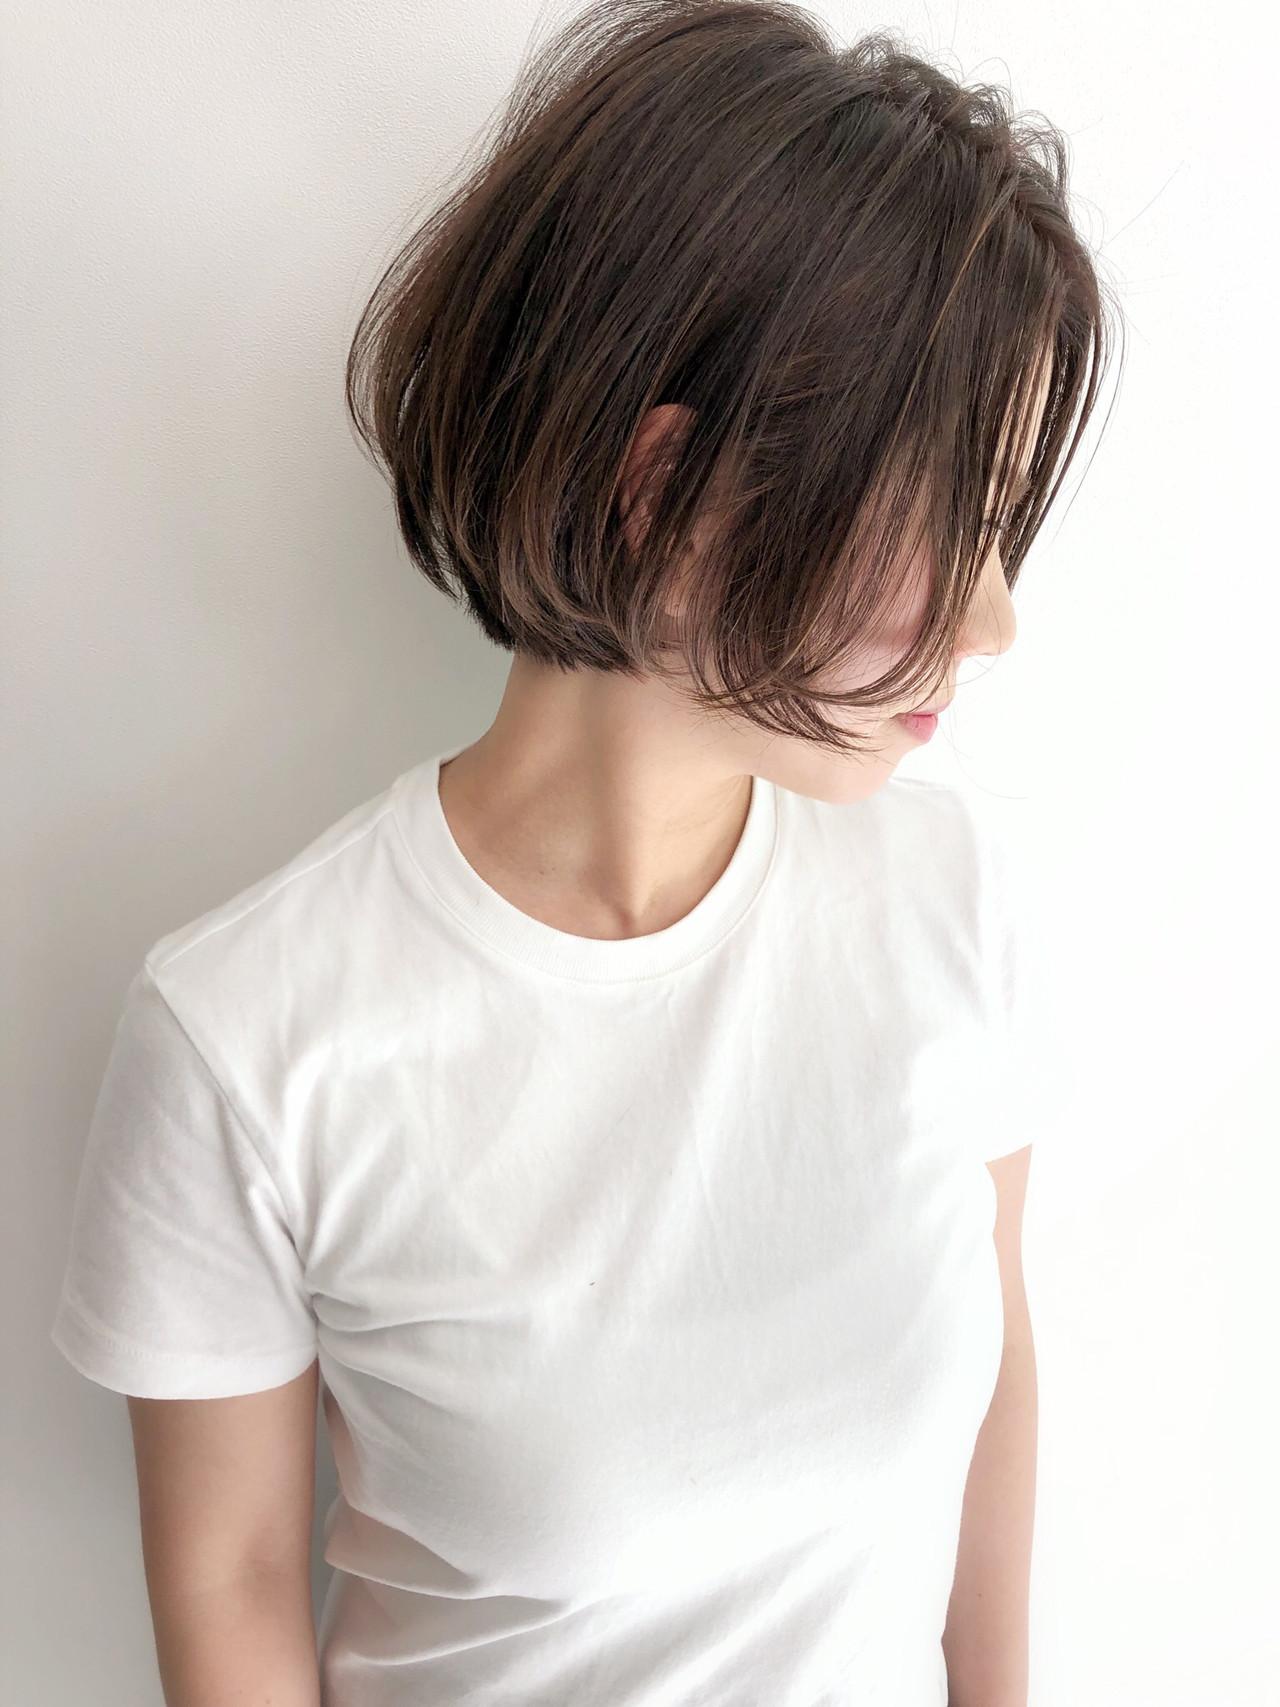 ミニボブ ボブ ナチュラル ボブヘアー ヘアスタイルや髪型の写真・画像